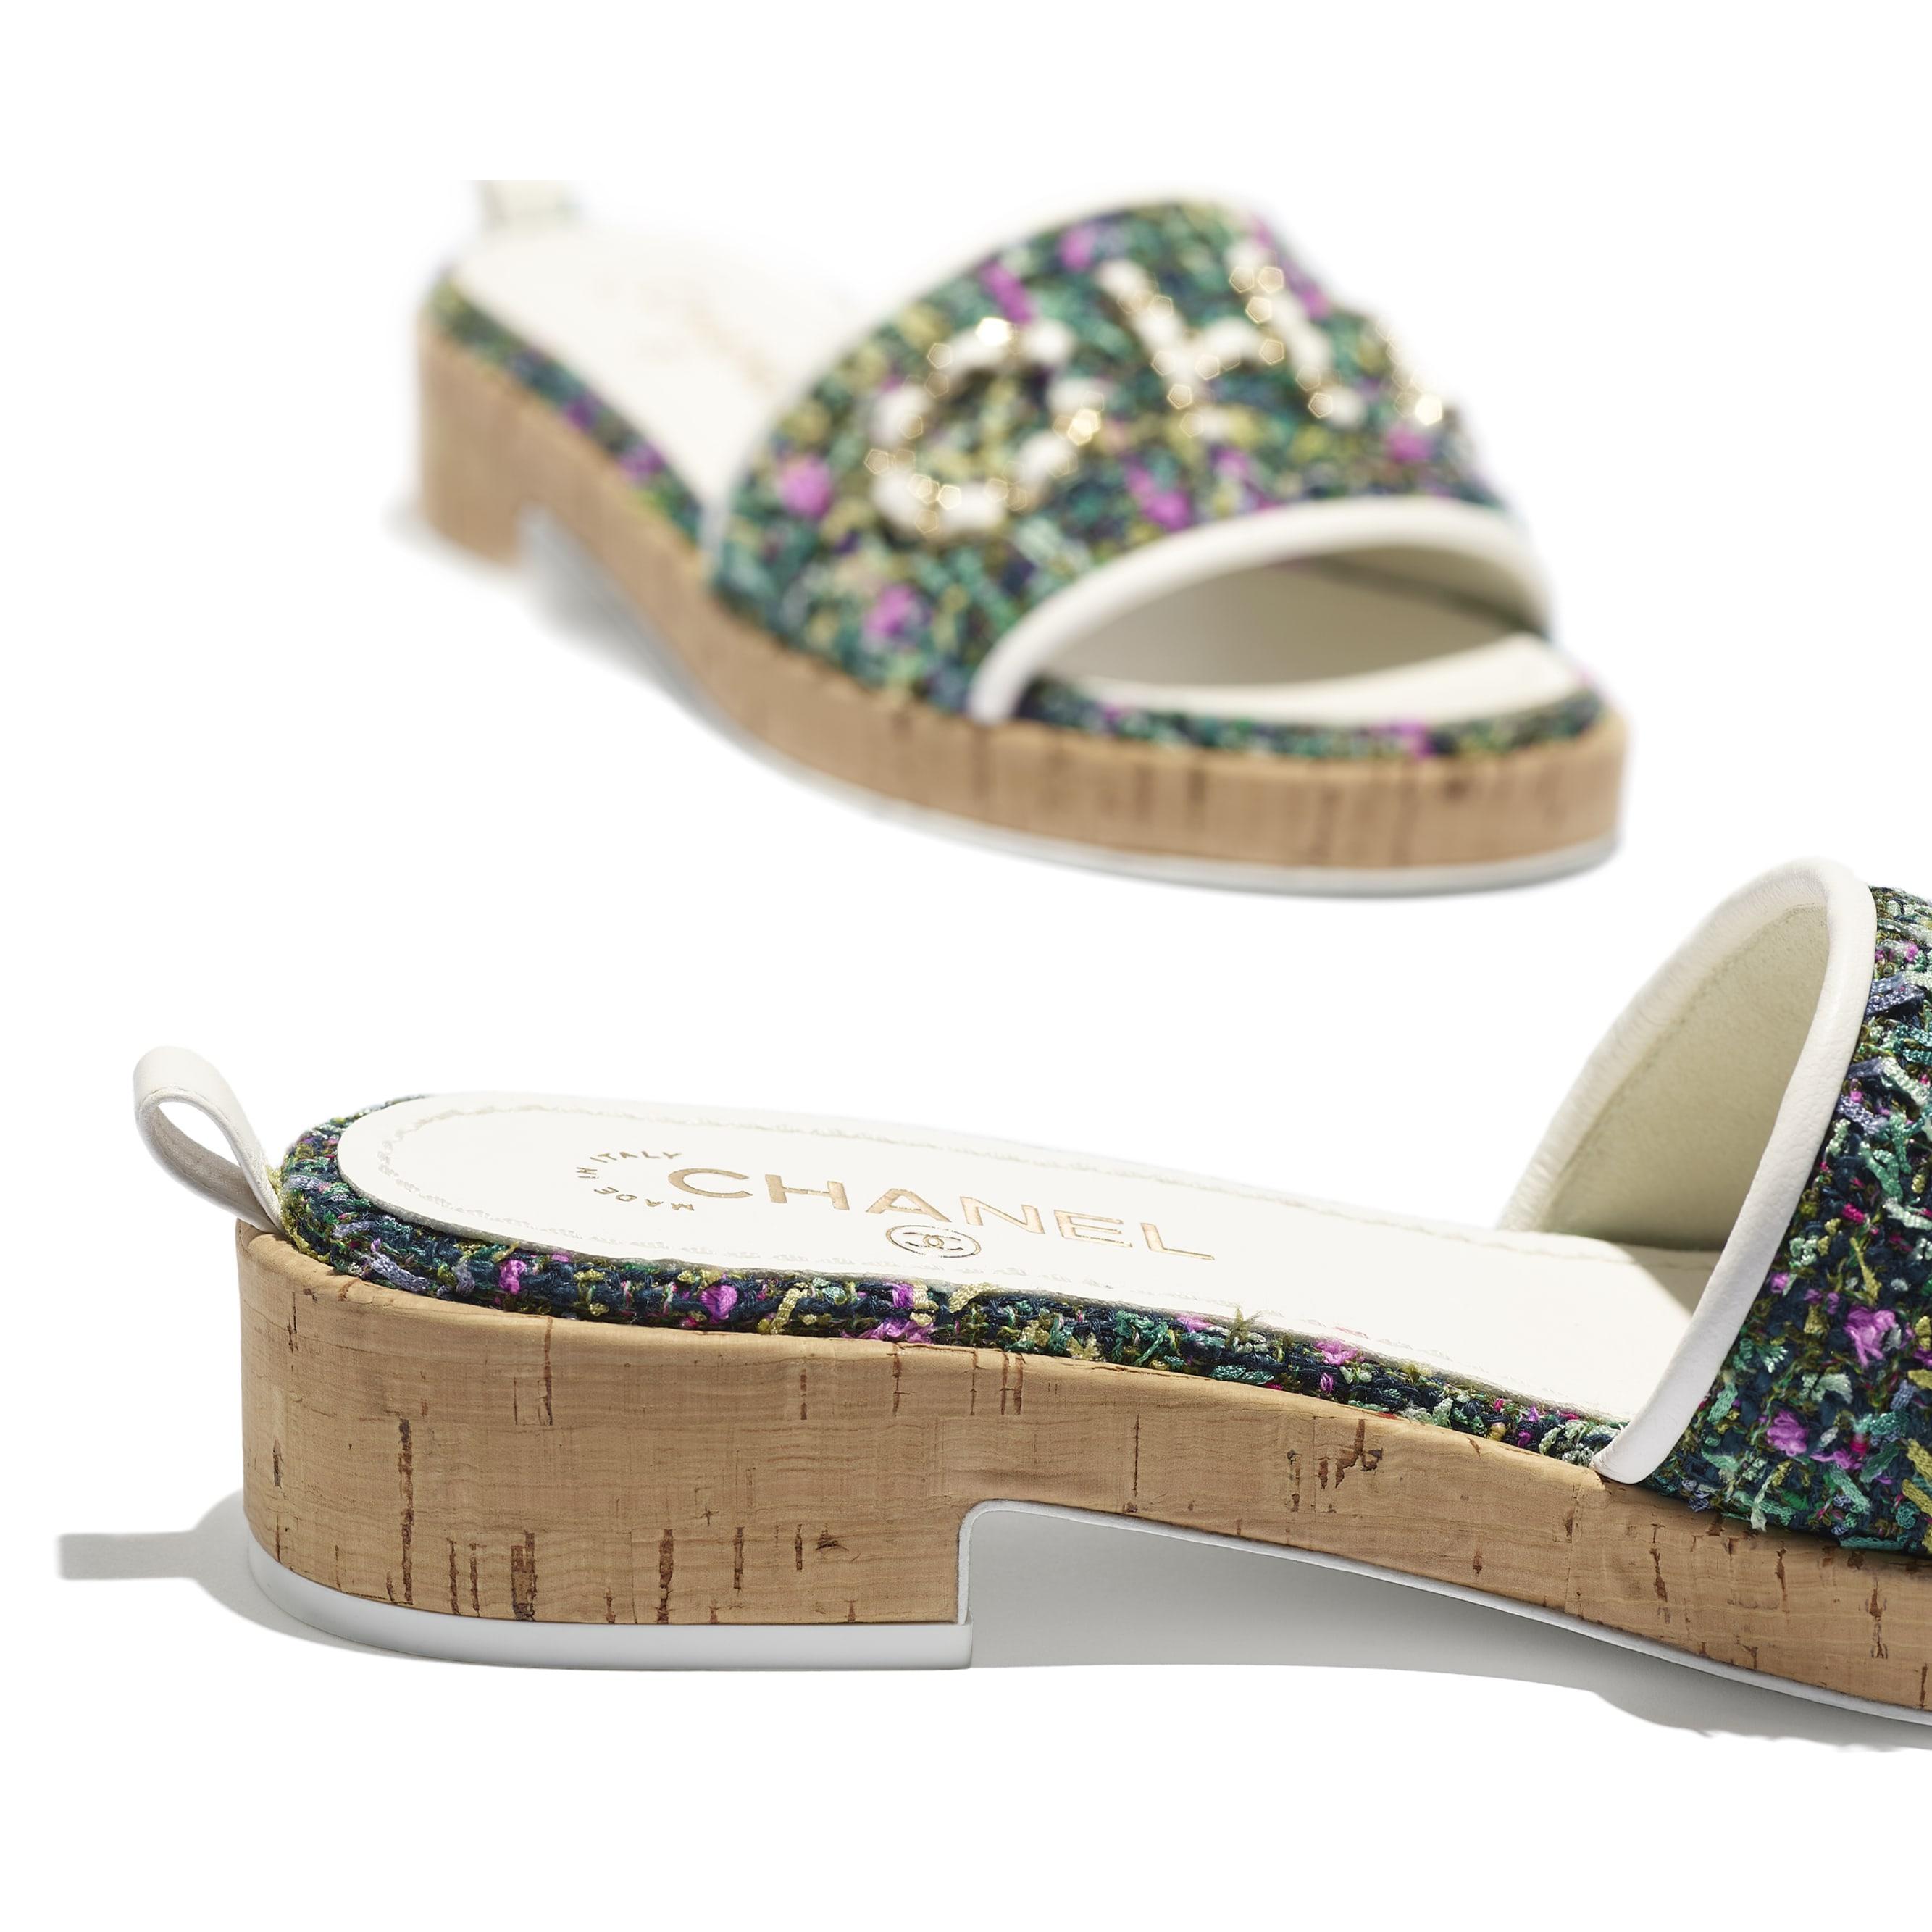 蜜兒拖鞋 - 綠、粉紅 & 黃 - 斜紋軟呢 - CHANEL - 額外視圖 - 查看標準尺寸版本